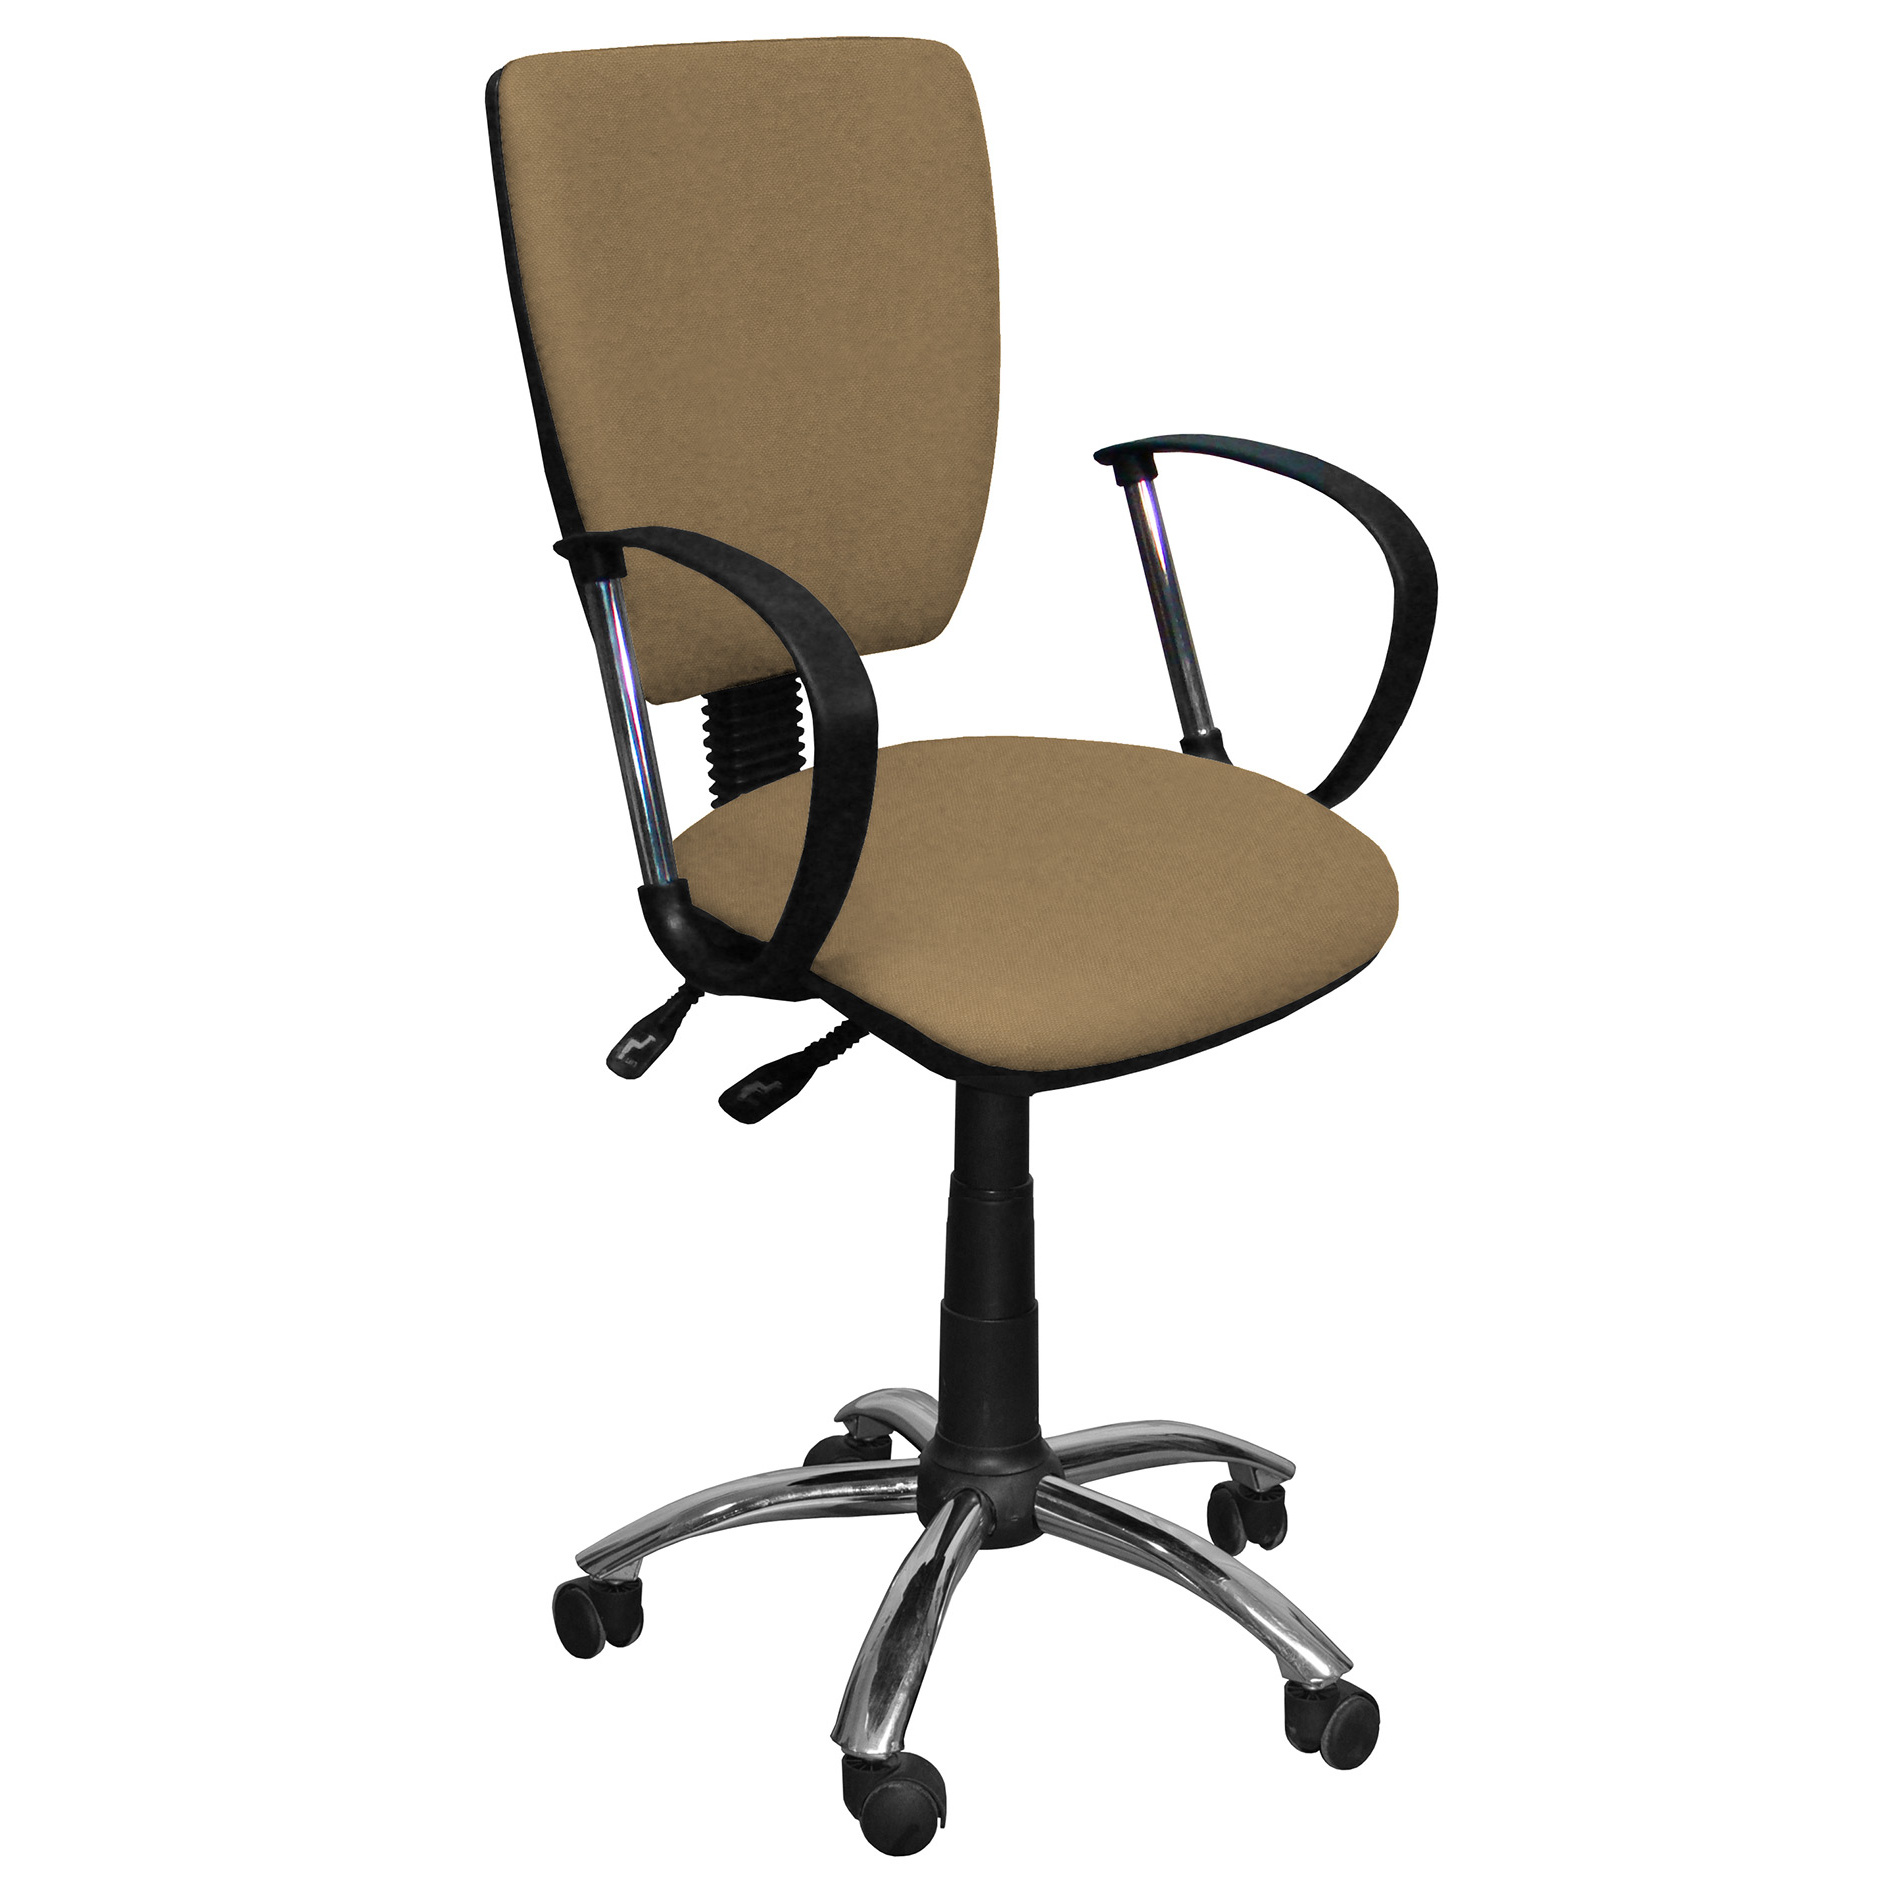 Компьютерное кресло Фактор Ультра люкс 1939349, бежевый